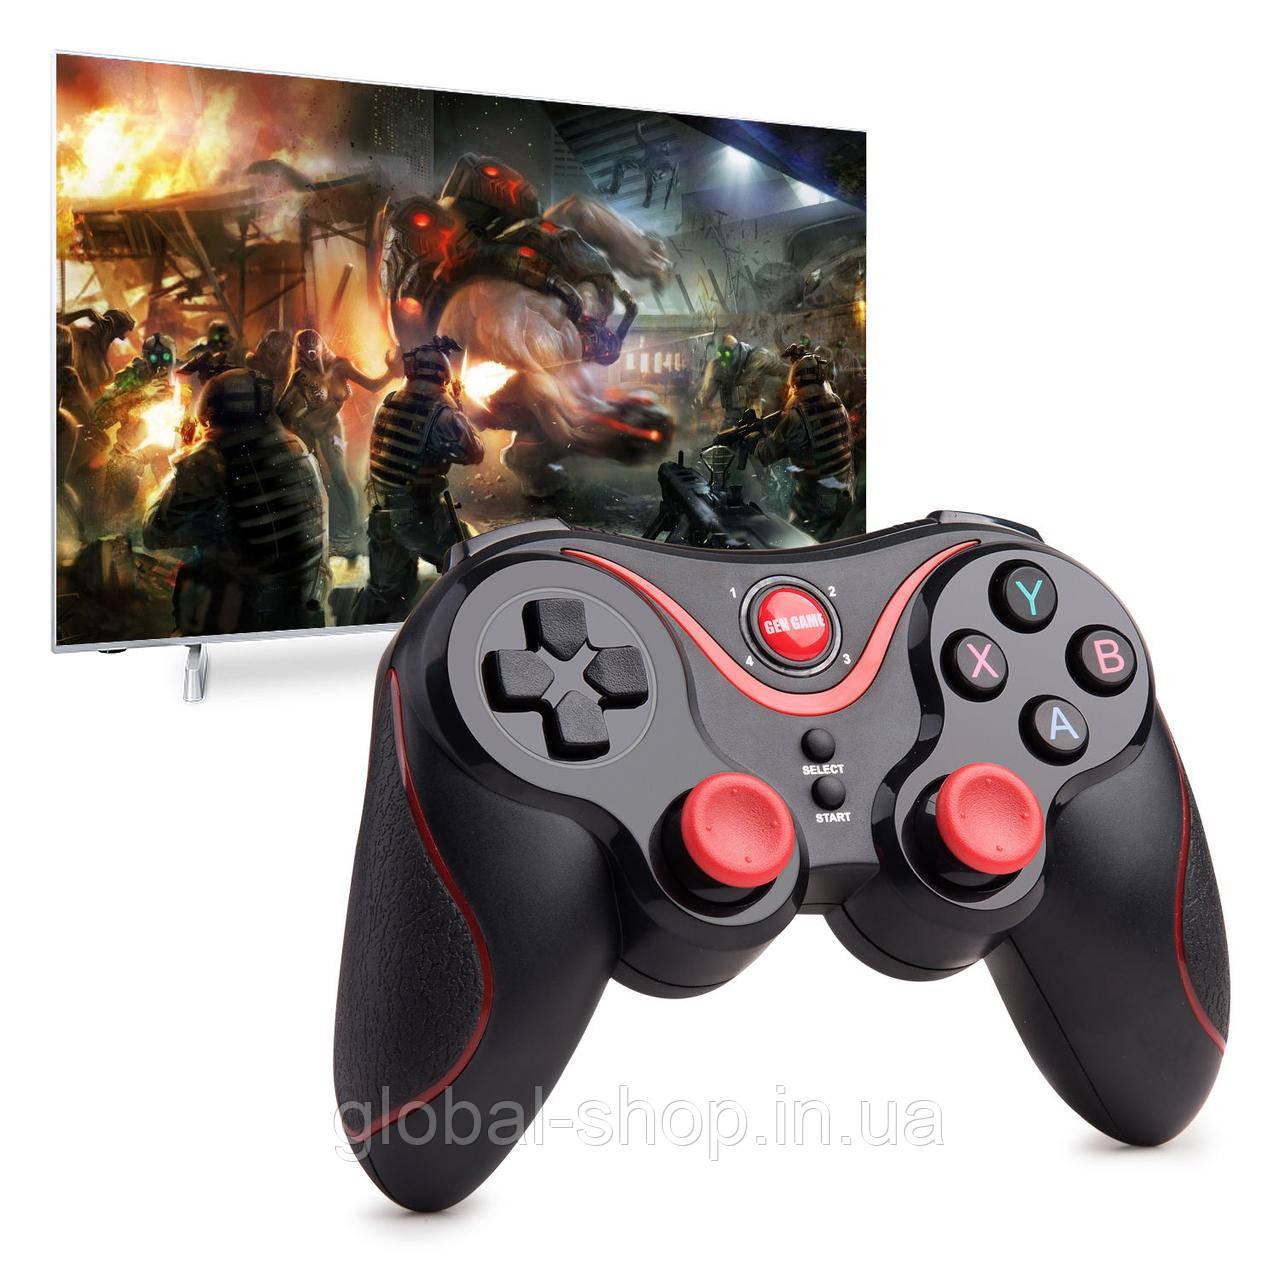 Игровой джойстик Bluetooth для смартфона, планшета, компьютера Gen Game S5, встроенный аккумулятор